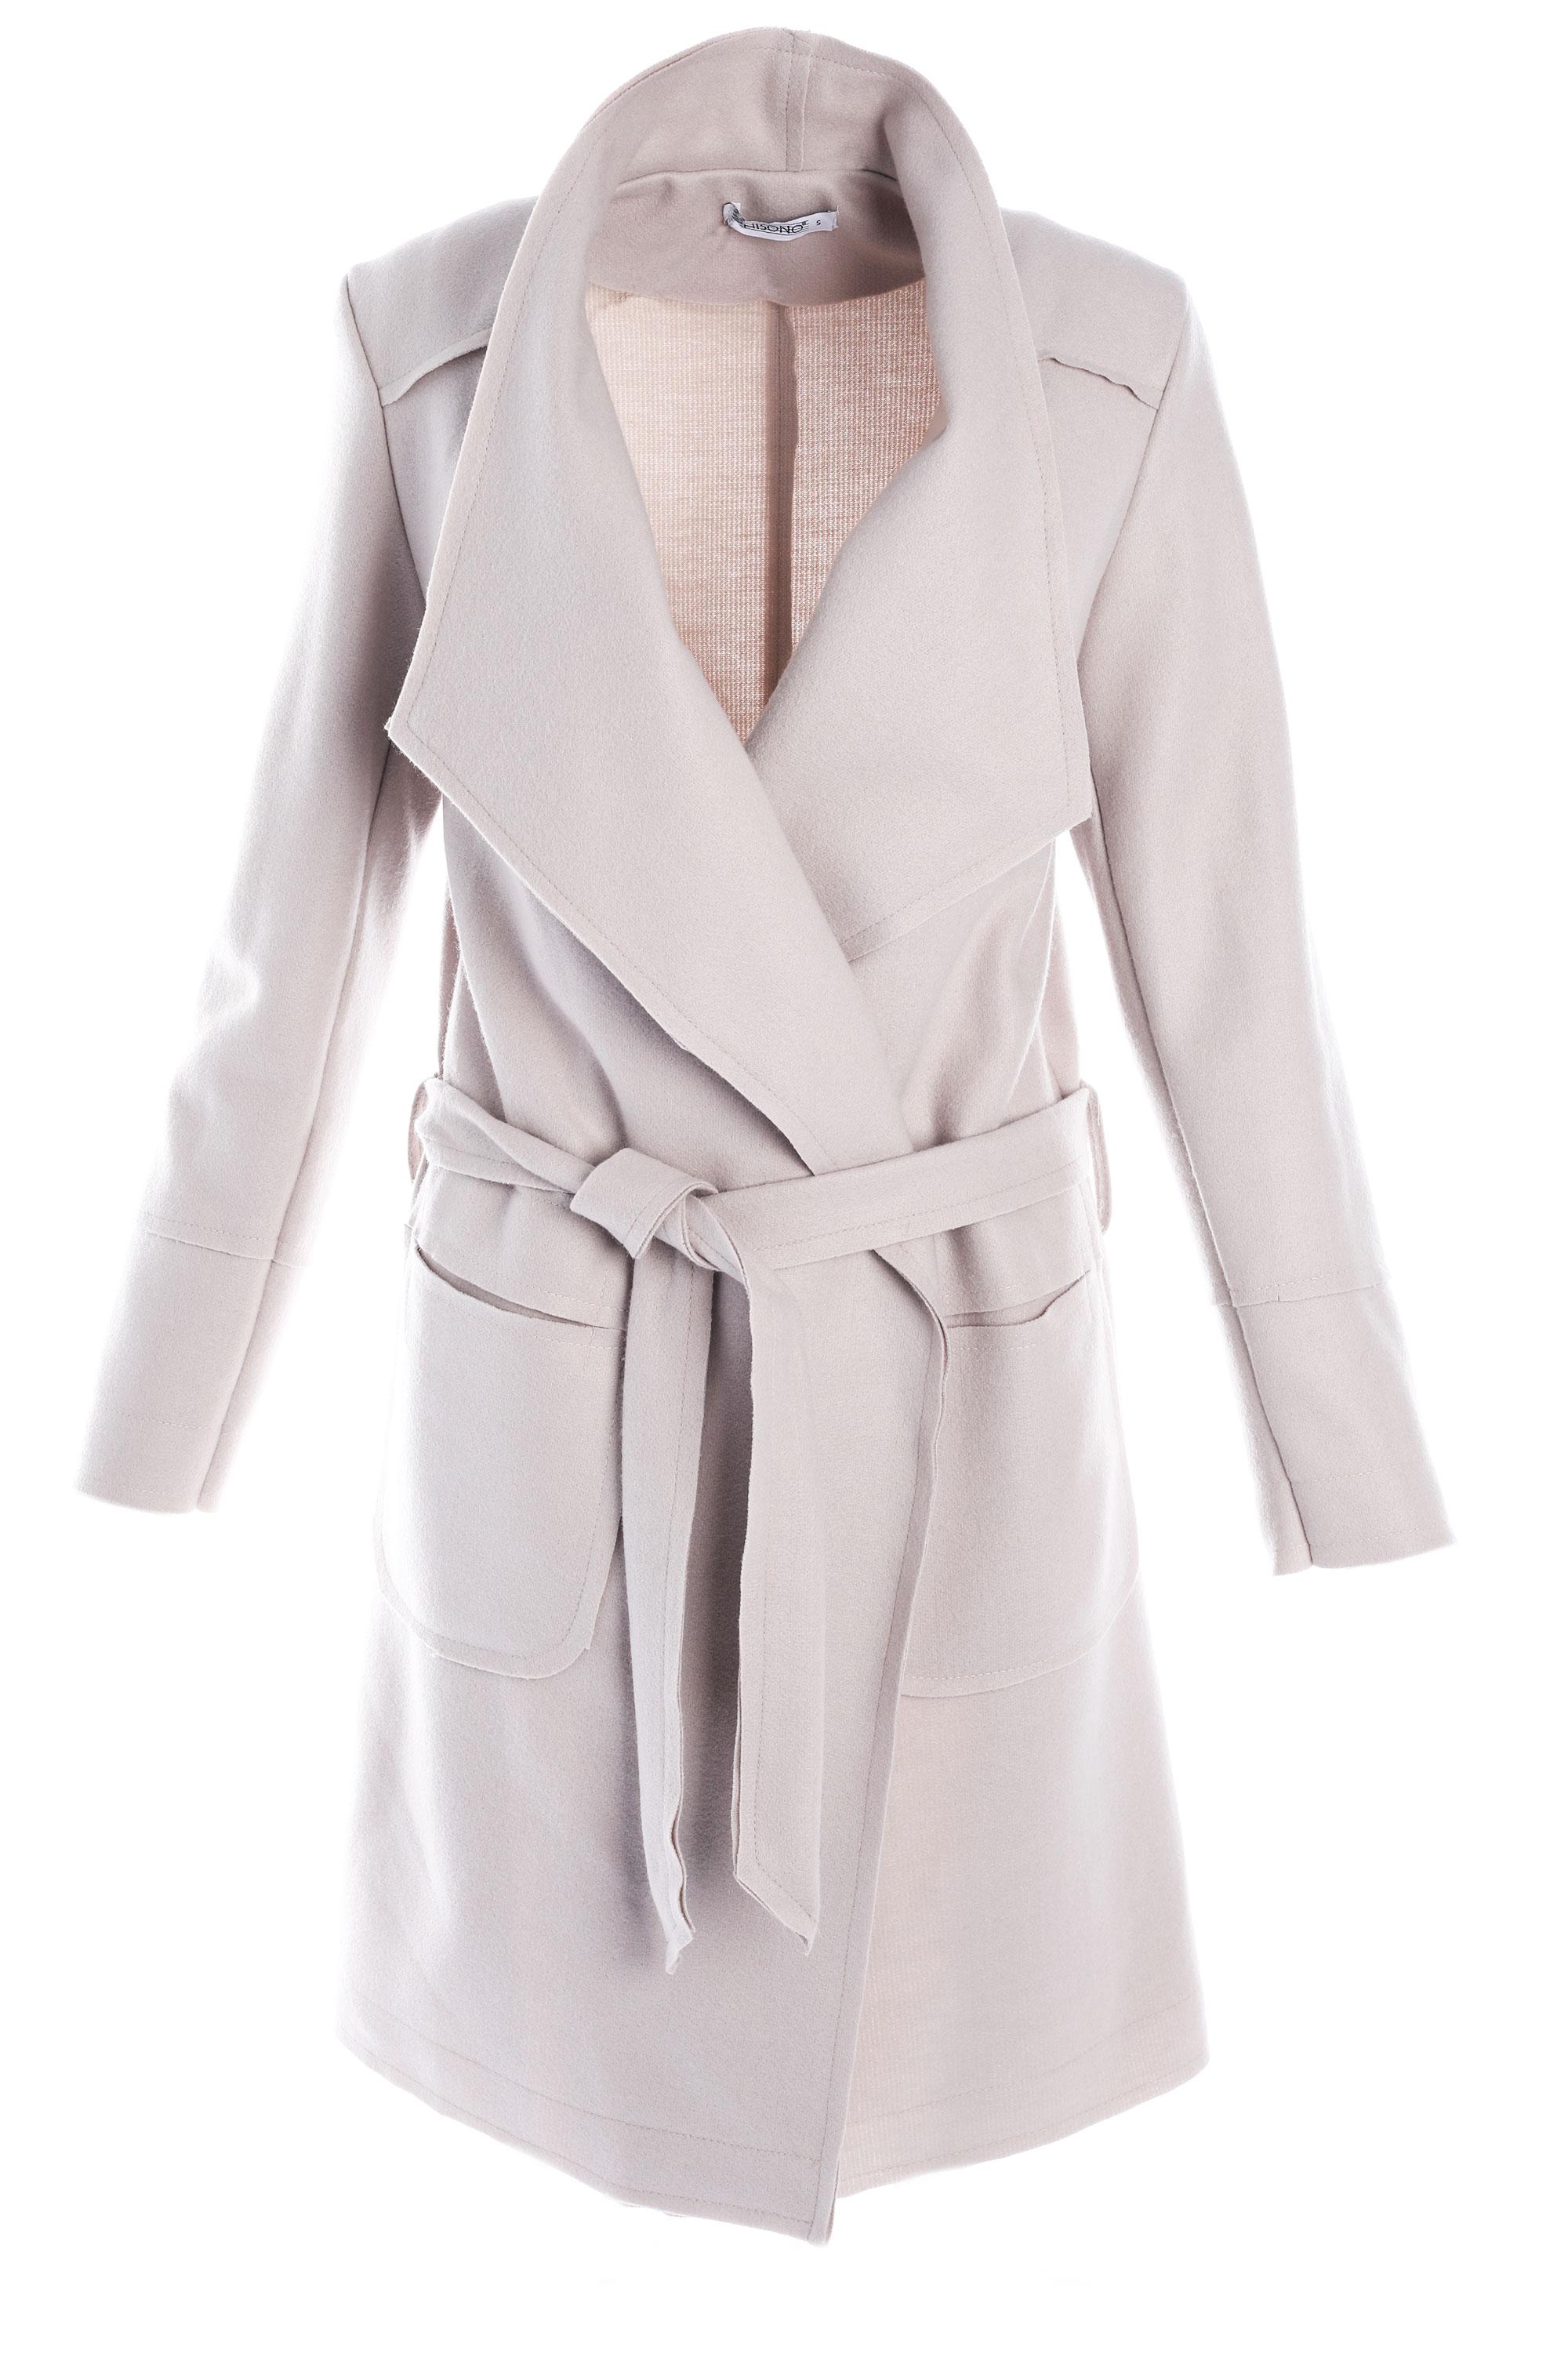 Płaszcz materiałowy - 65-6285-1 BEI - Unisono